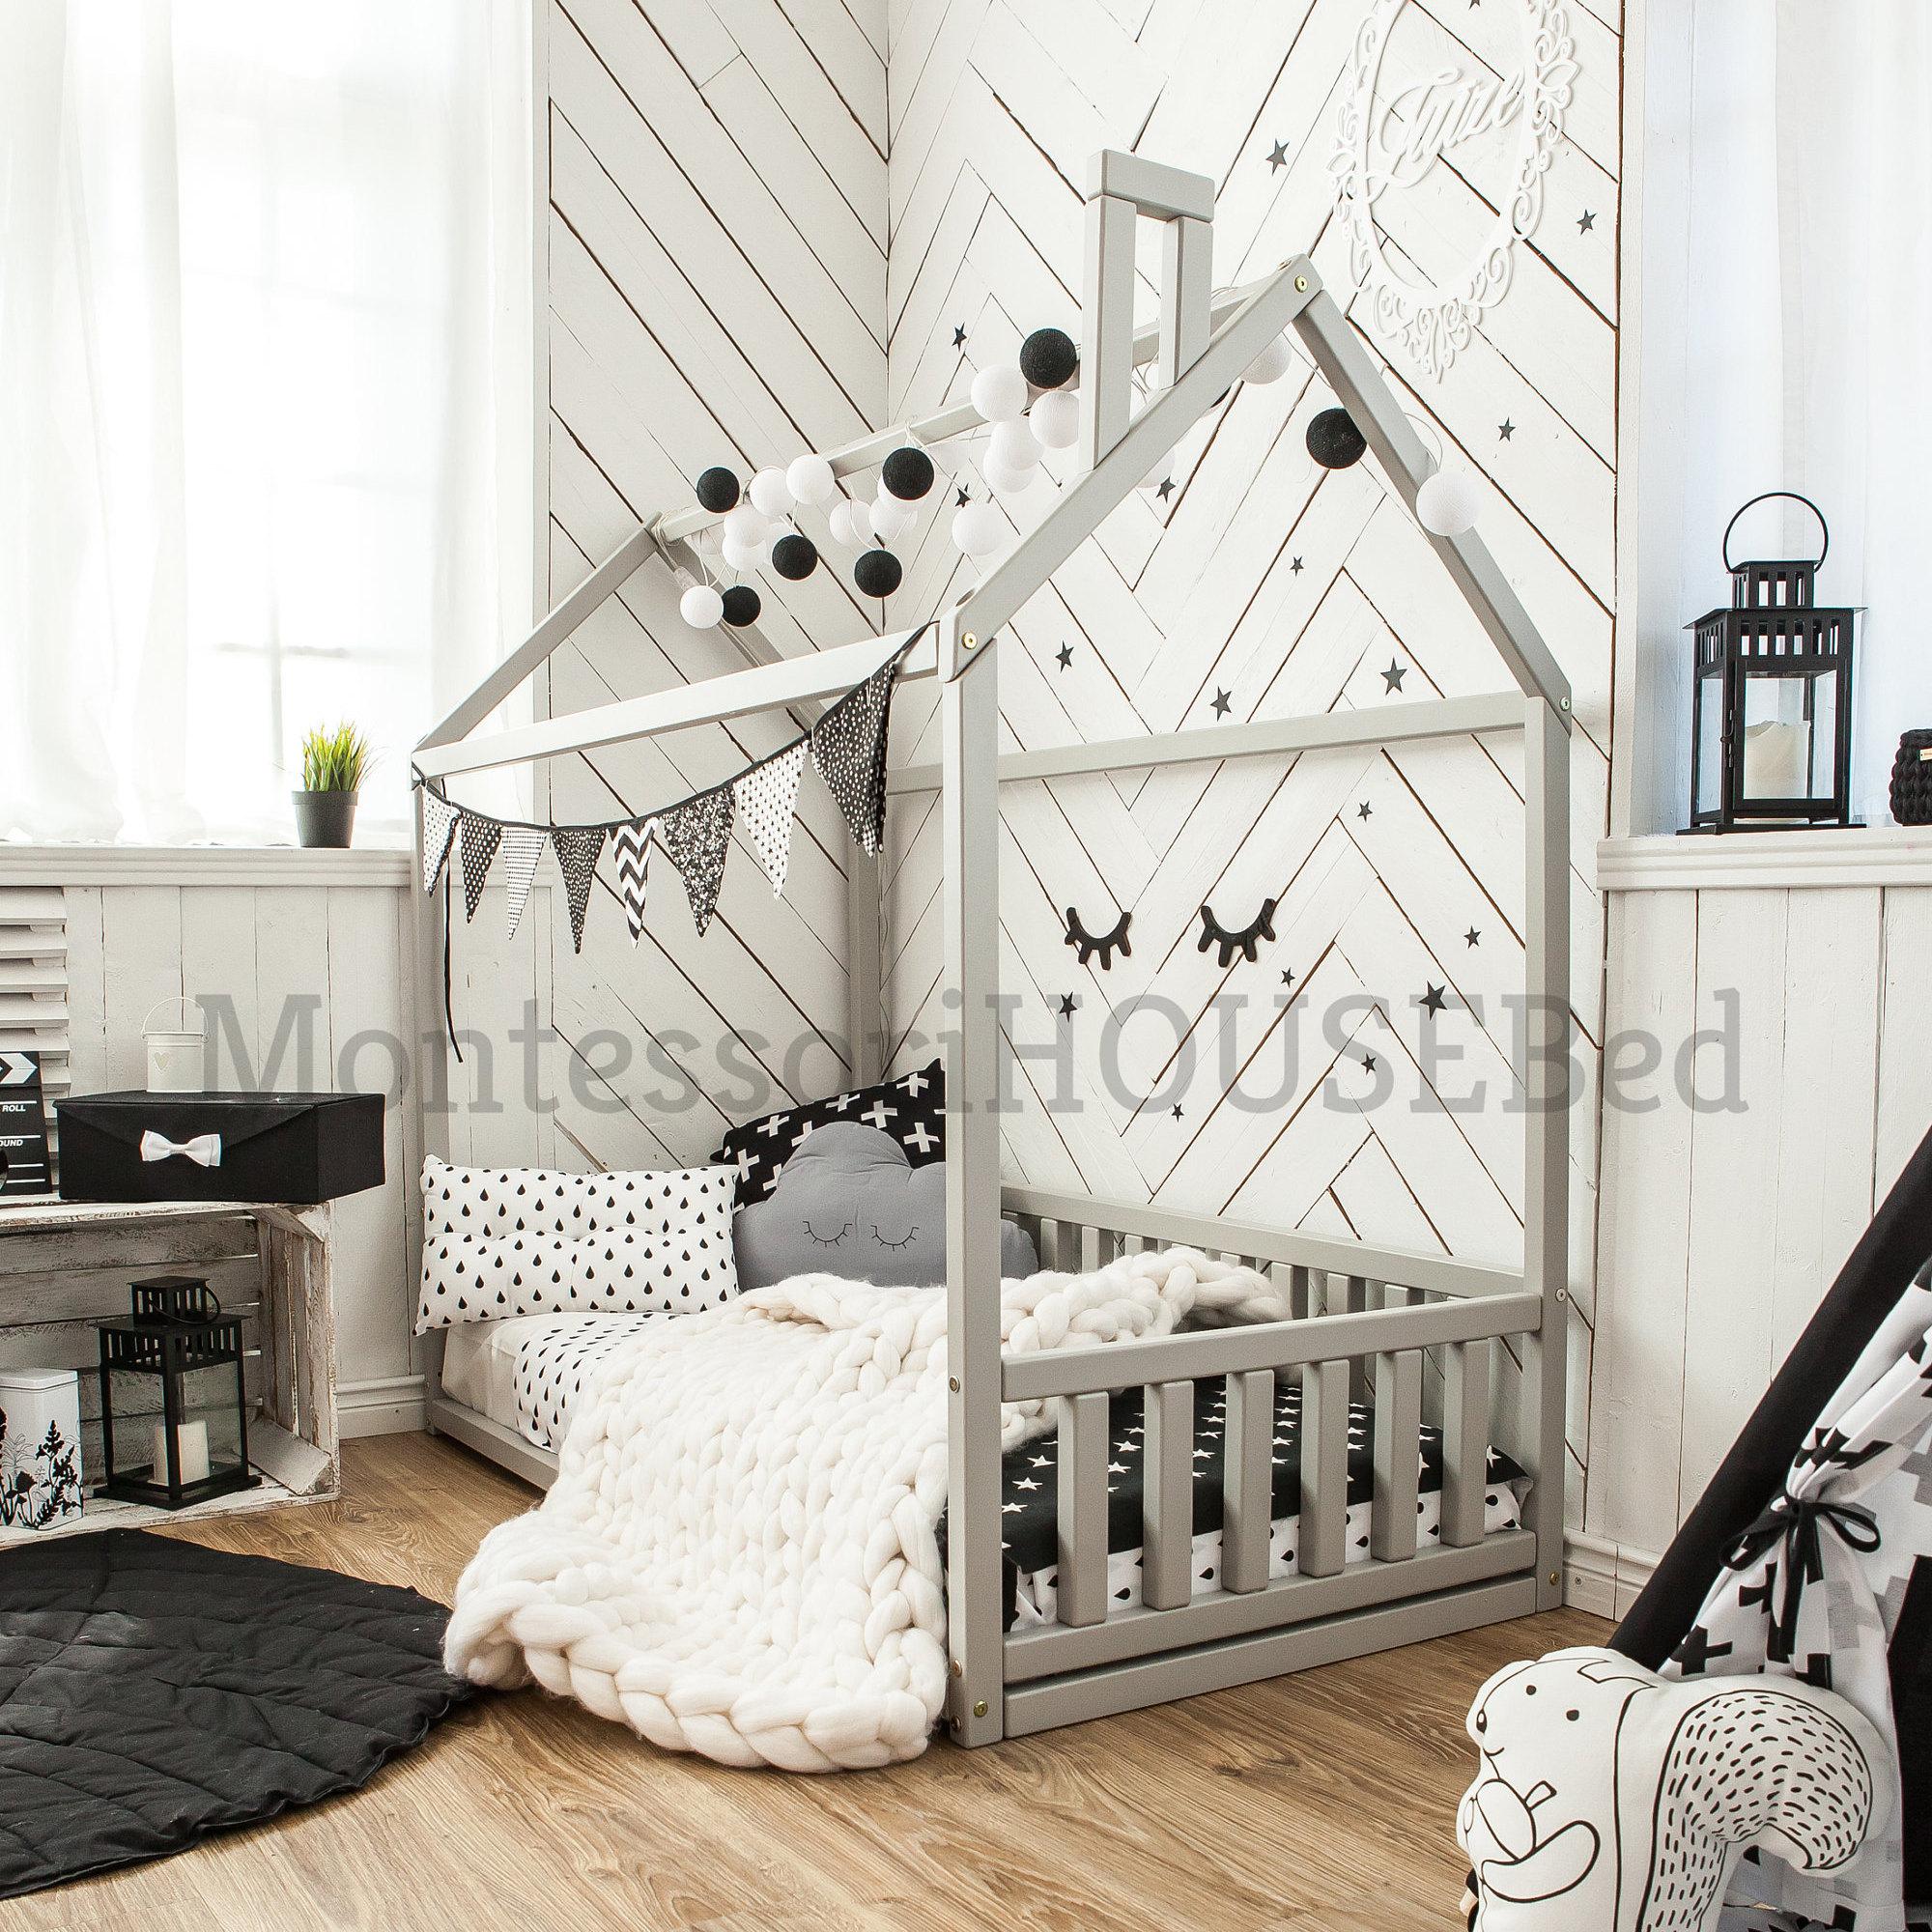 Kleinkind-Bett Kleinkind Haus Bett Montessori Bett Kinder | Etsy